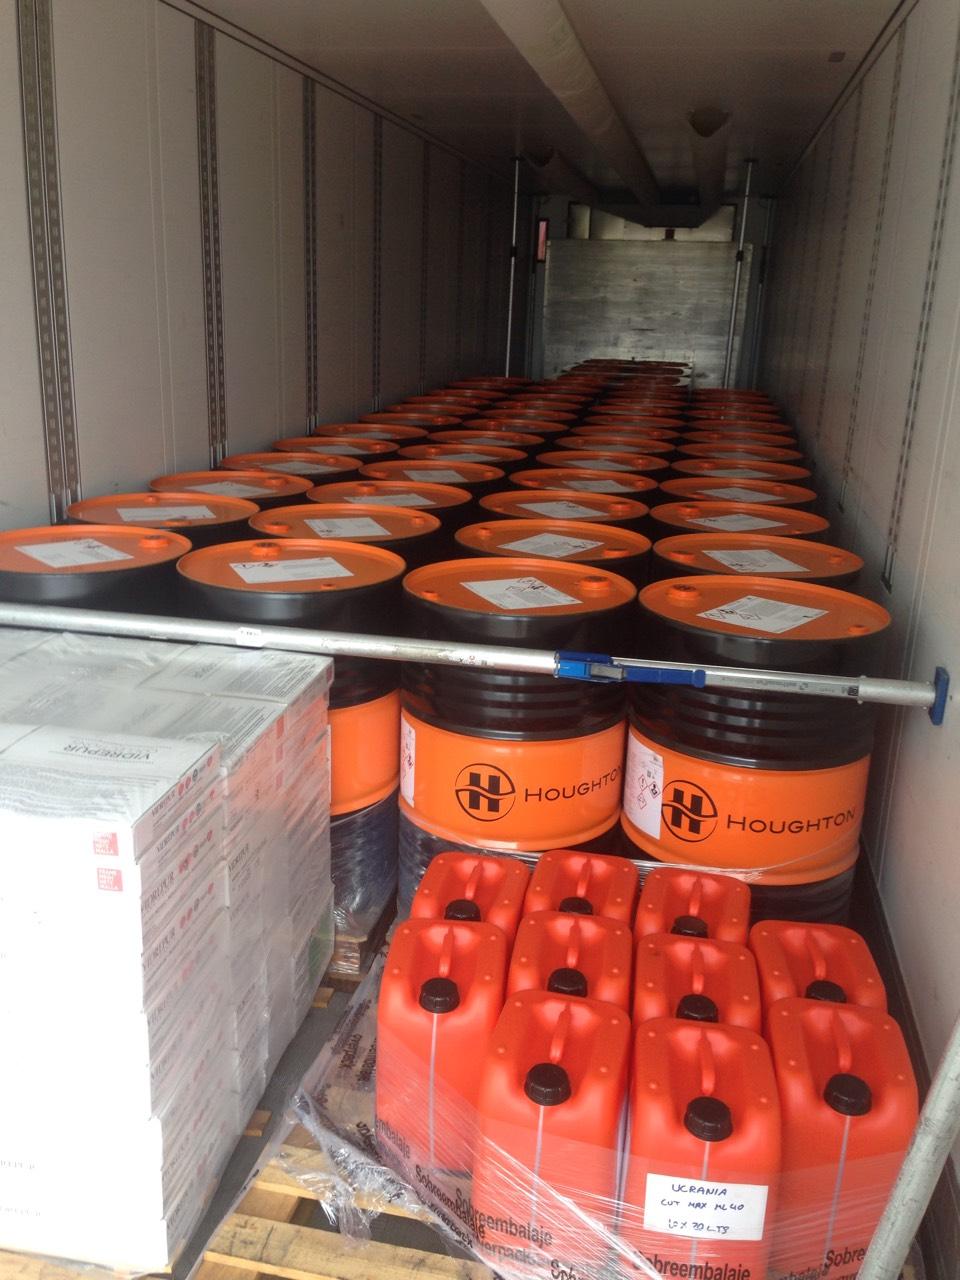 Transportation of hydraulic fluid from Spain (ADR 3), фото-1